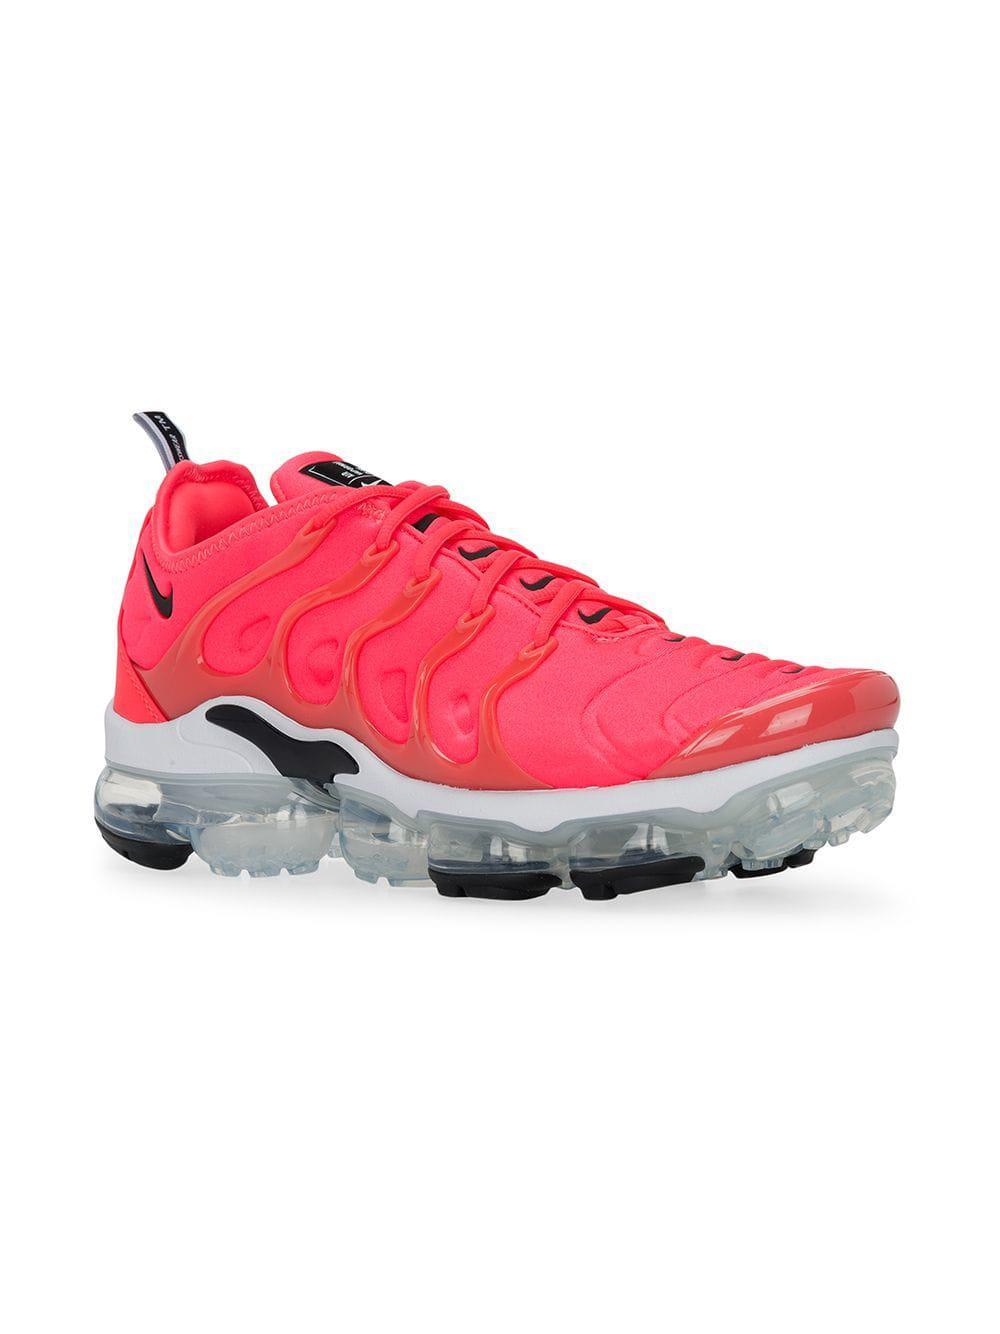 0f81e0ca55 Nike - Pink Air Vapormax Plus Sneakers for Men - Lyst. View fullscreen